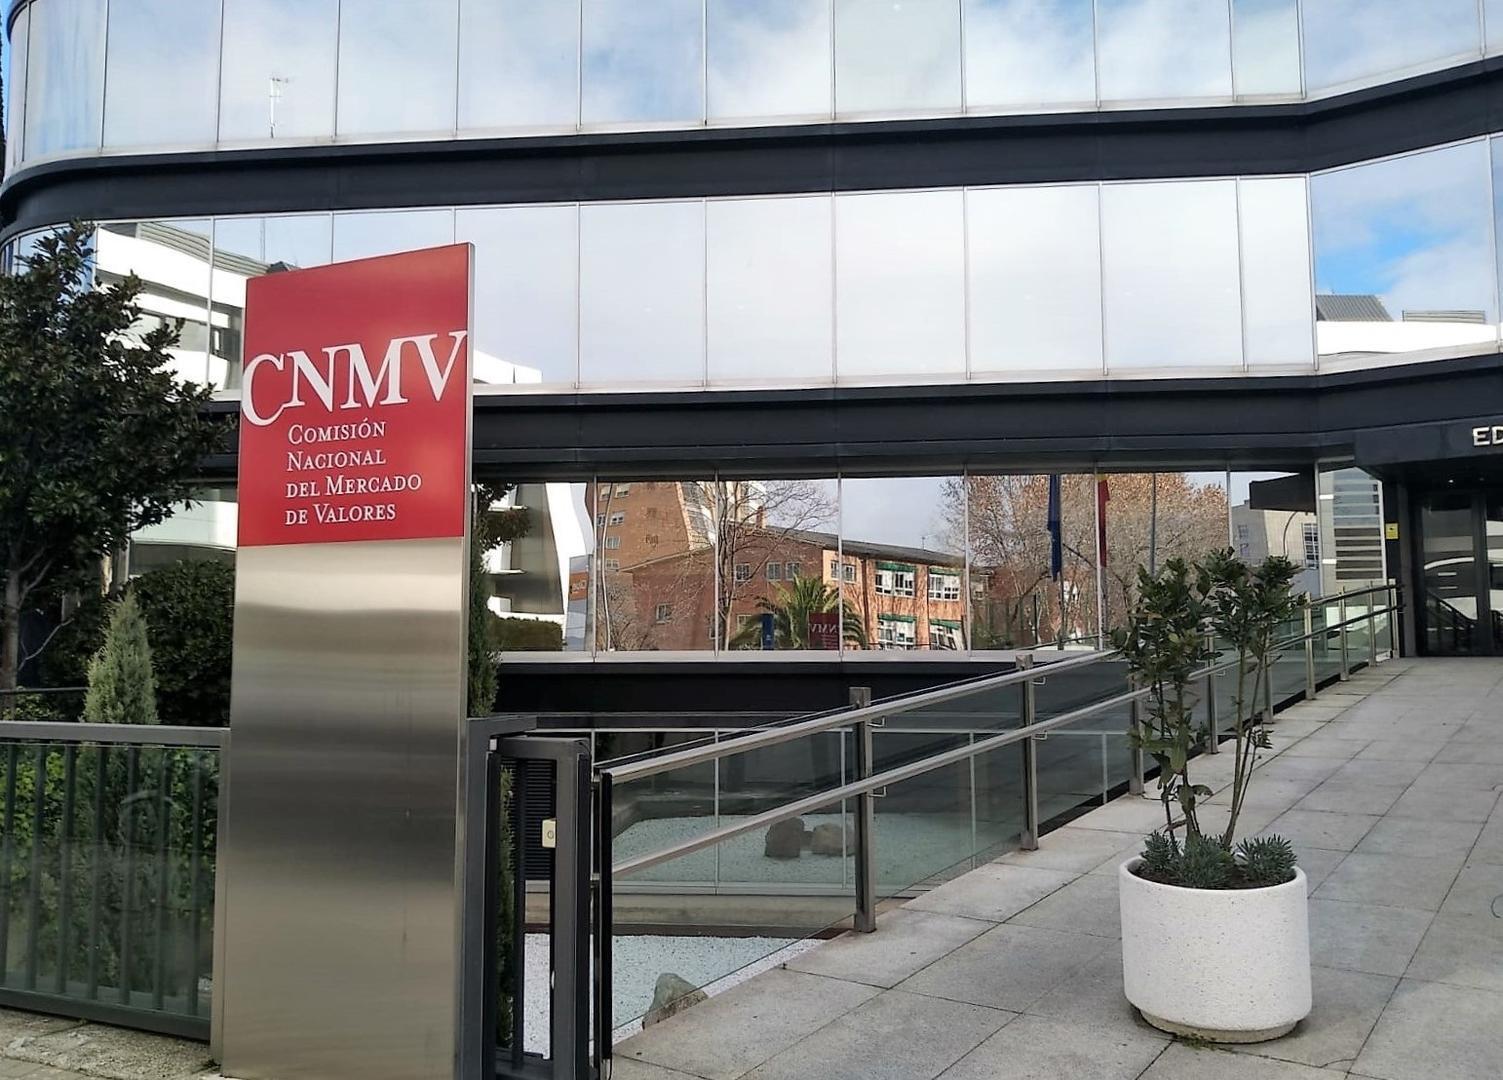 Economía/Finanzas.- La CNMV advierte sobre casi cuarenta sociedades no  autorizadas para prestar servicios de inversión